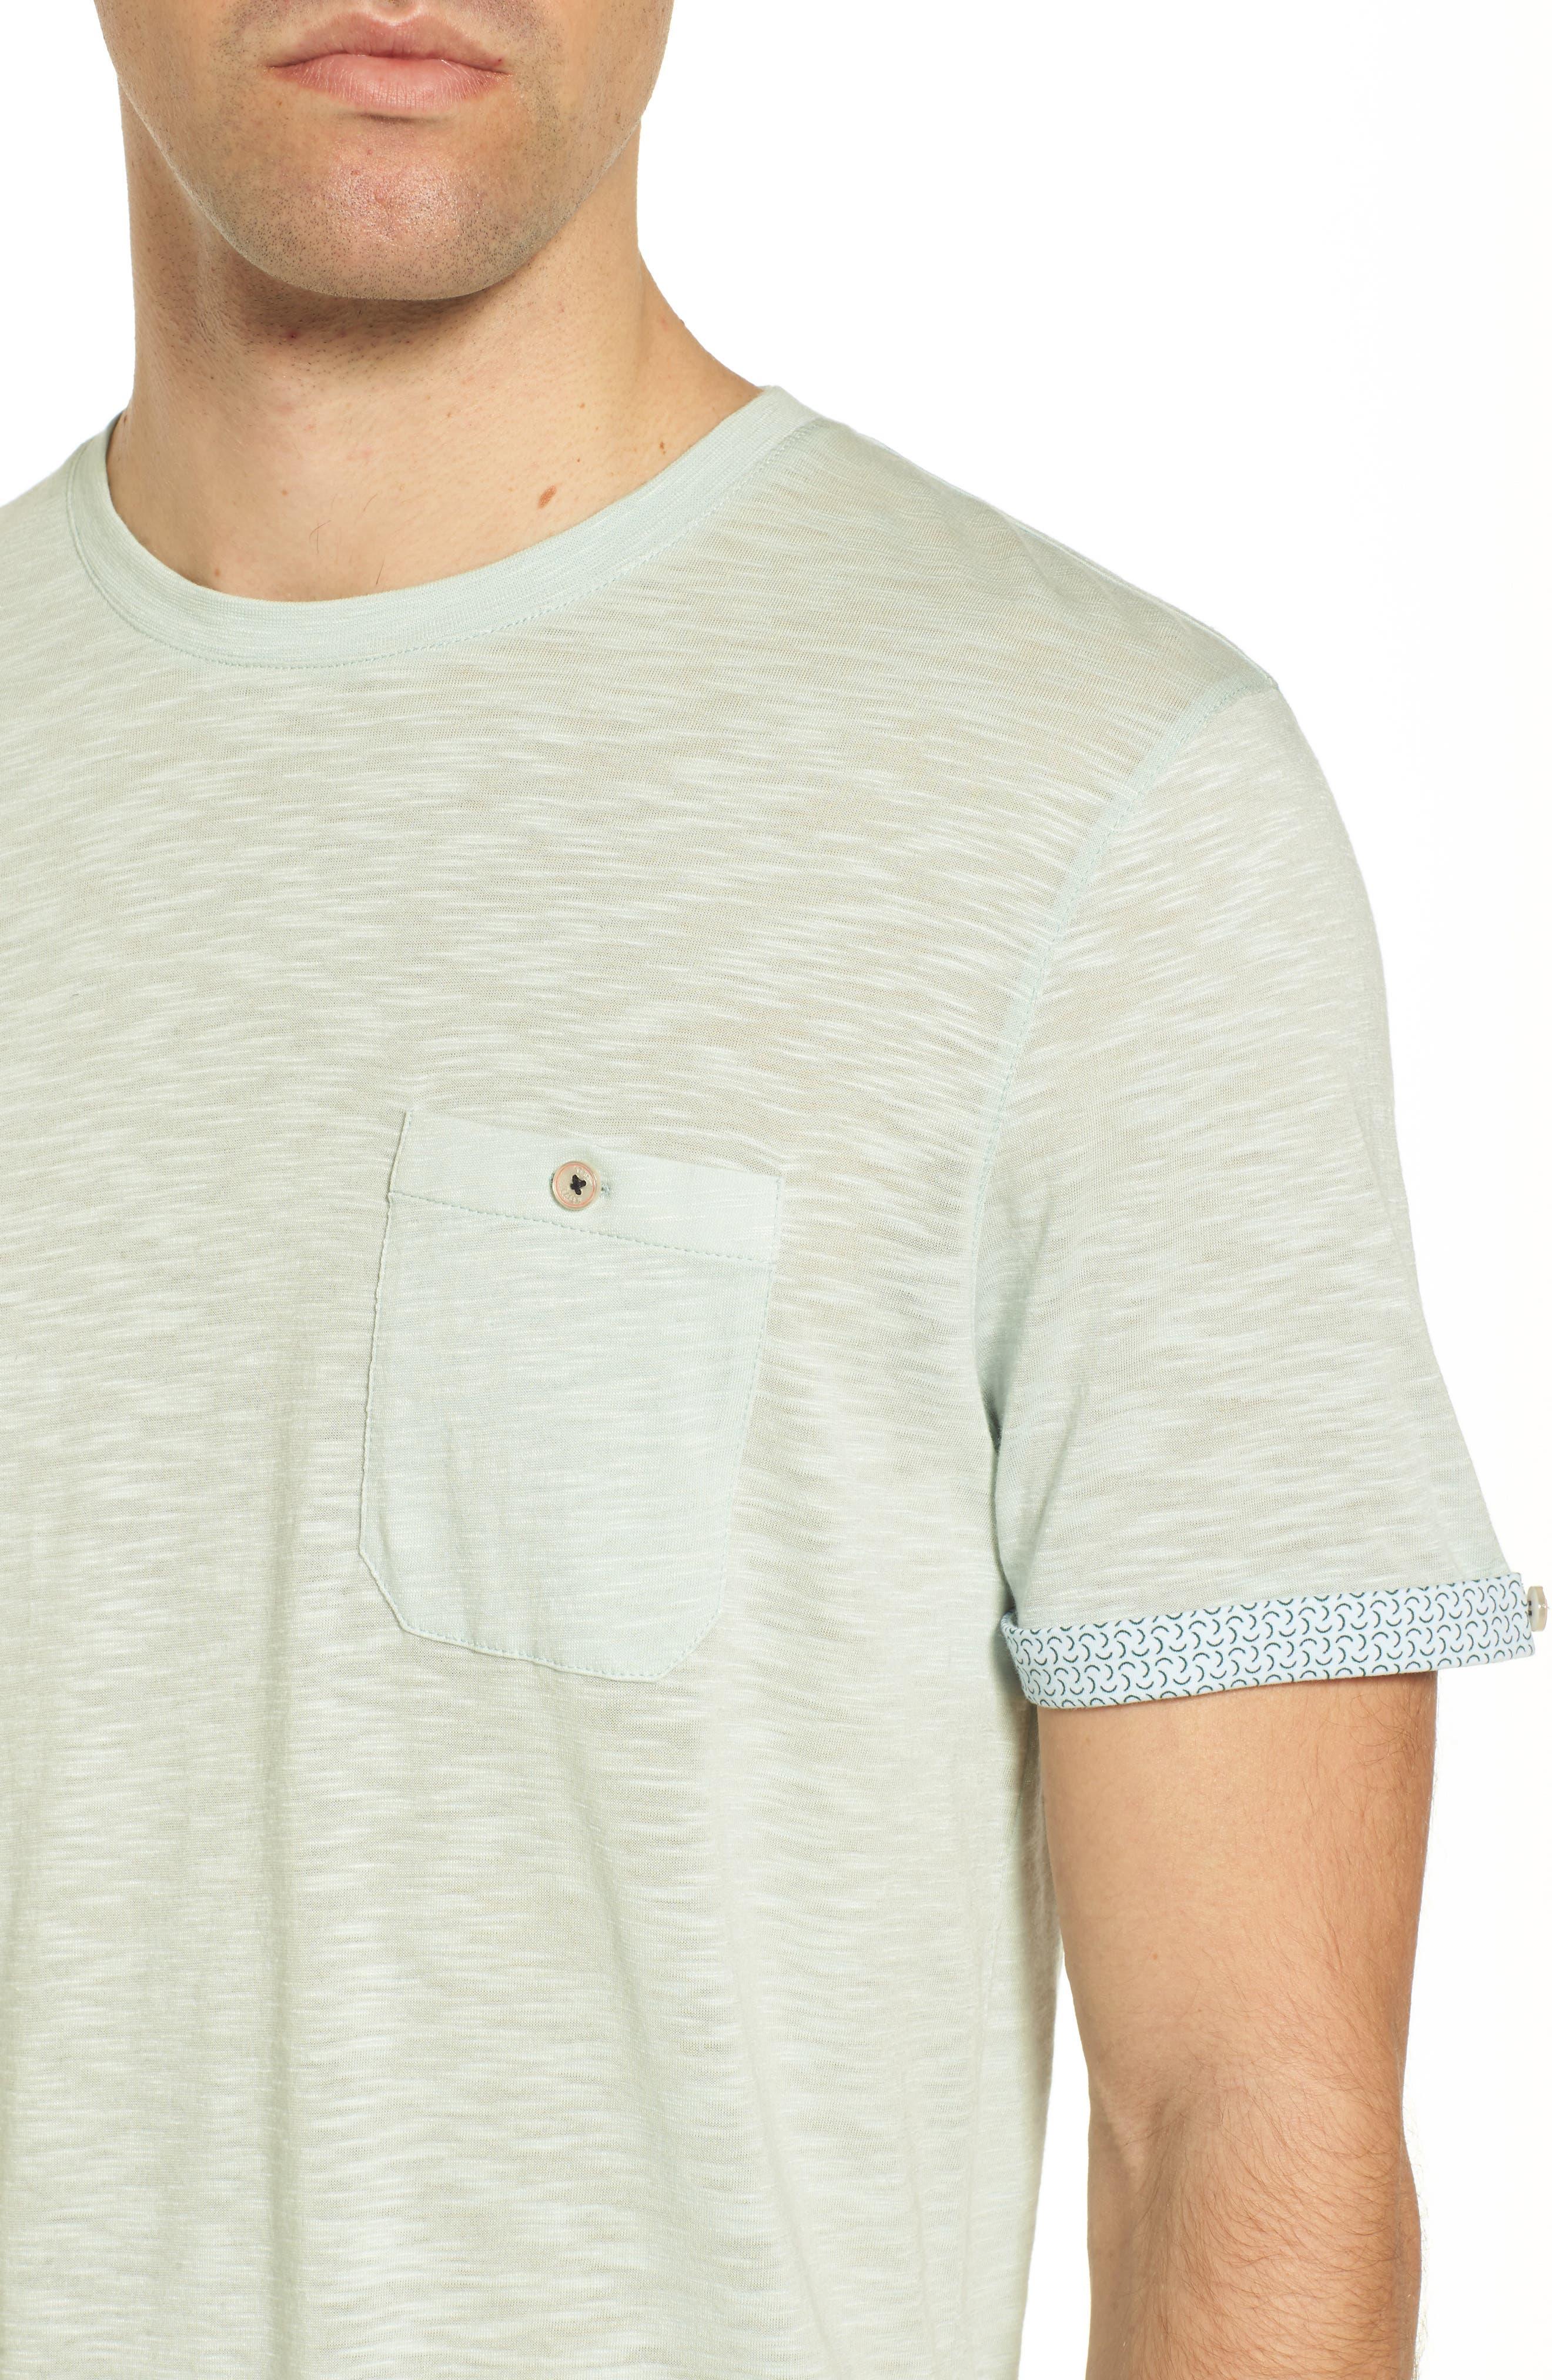 Taxi Slub Cotton Pocket T-Shirt,                             Alternate thumbnail 4, color,                             339